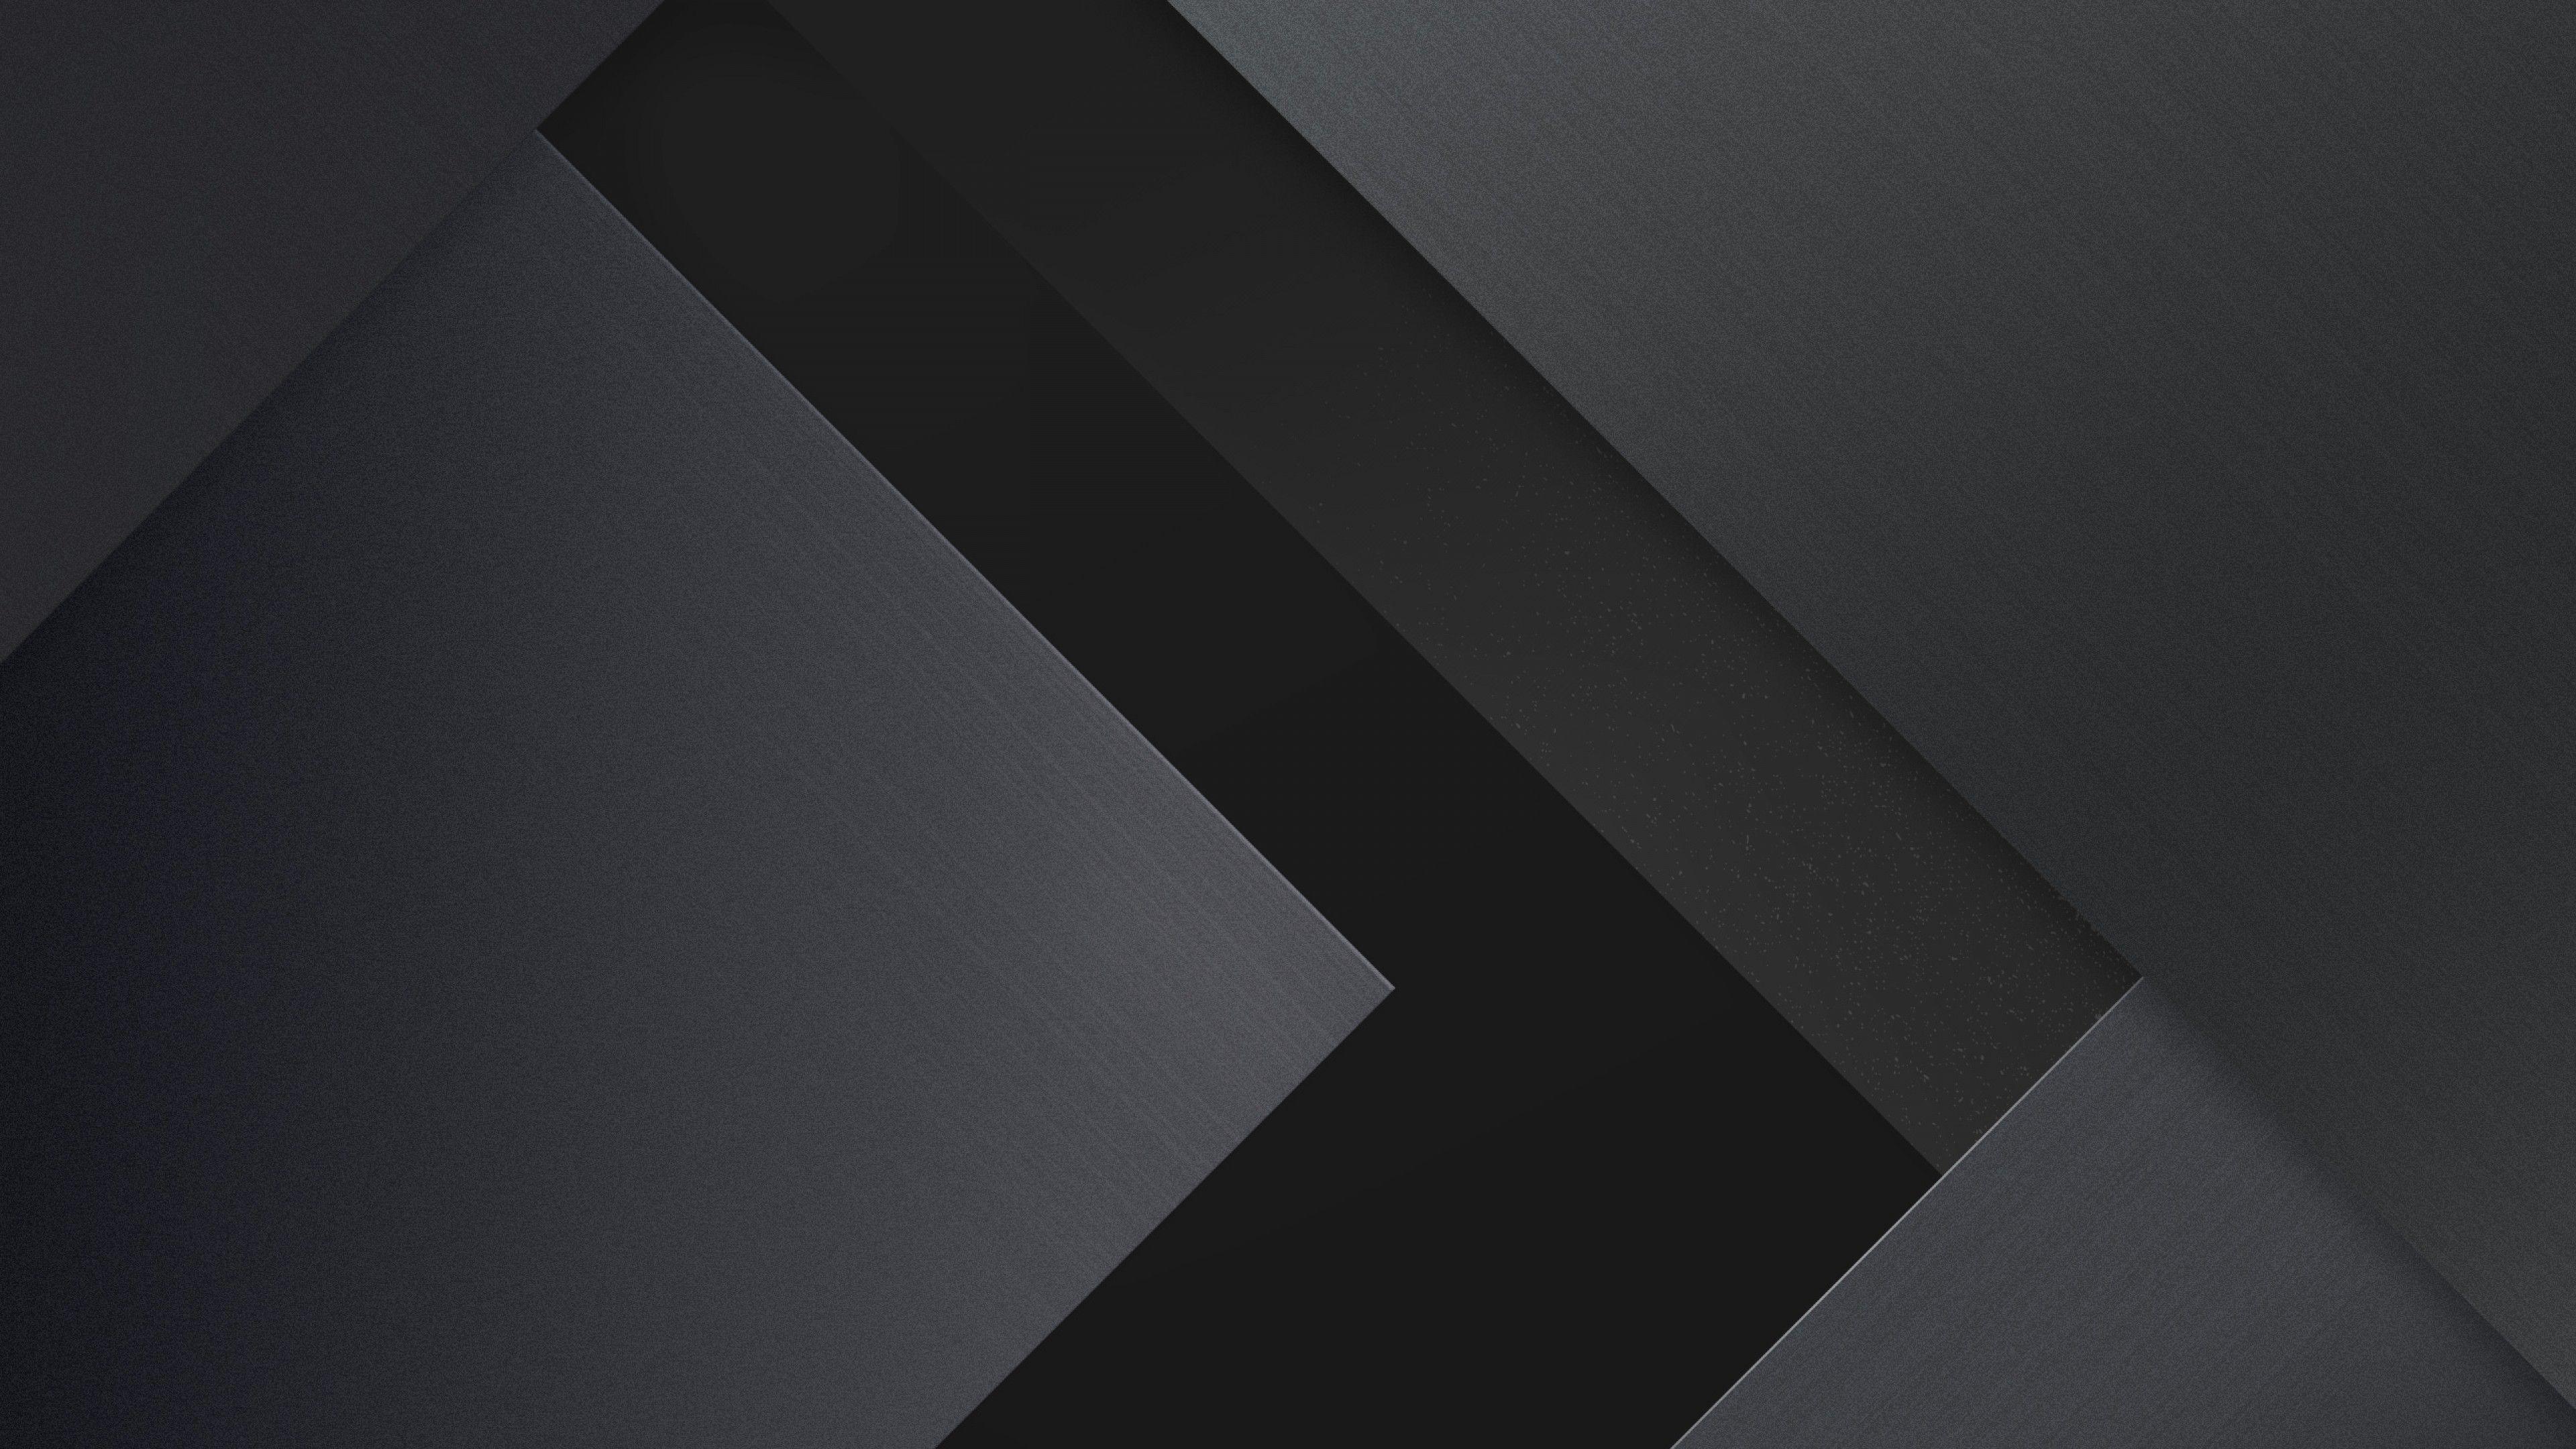 Imagem preta 2048x1152 pixels